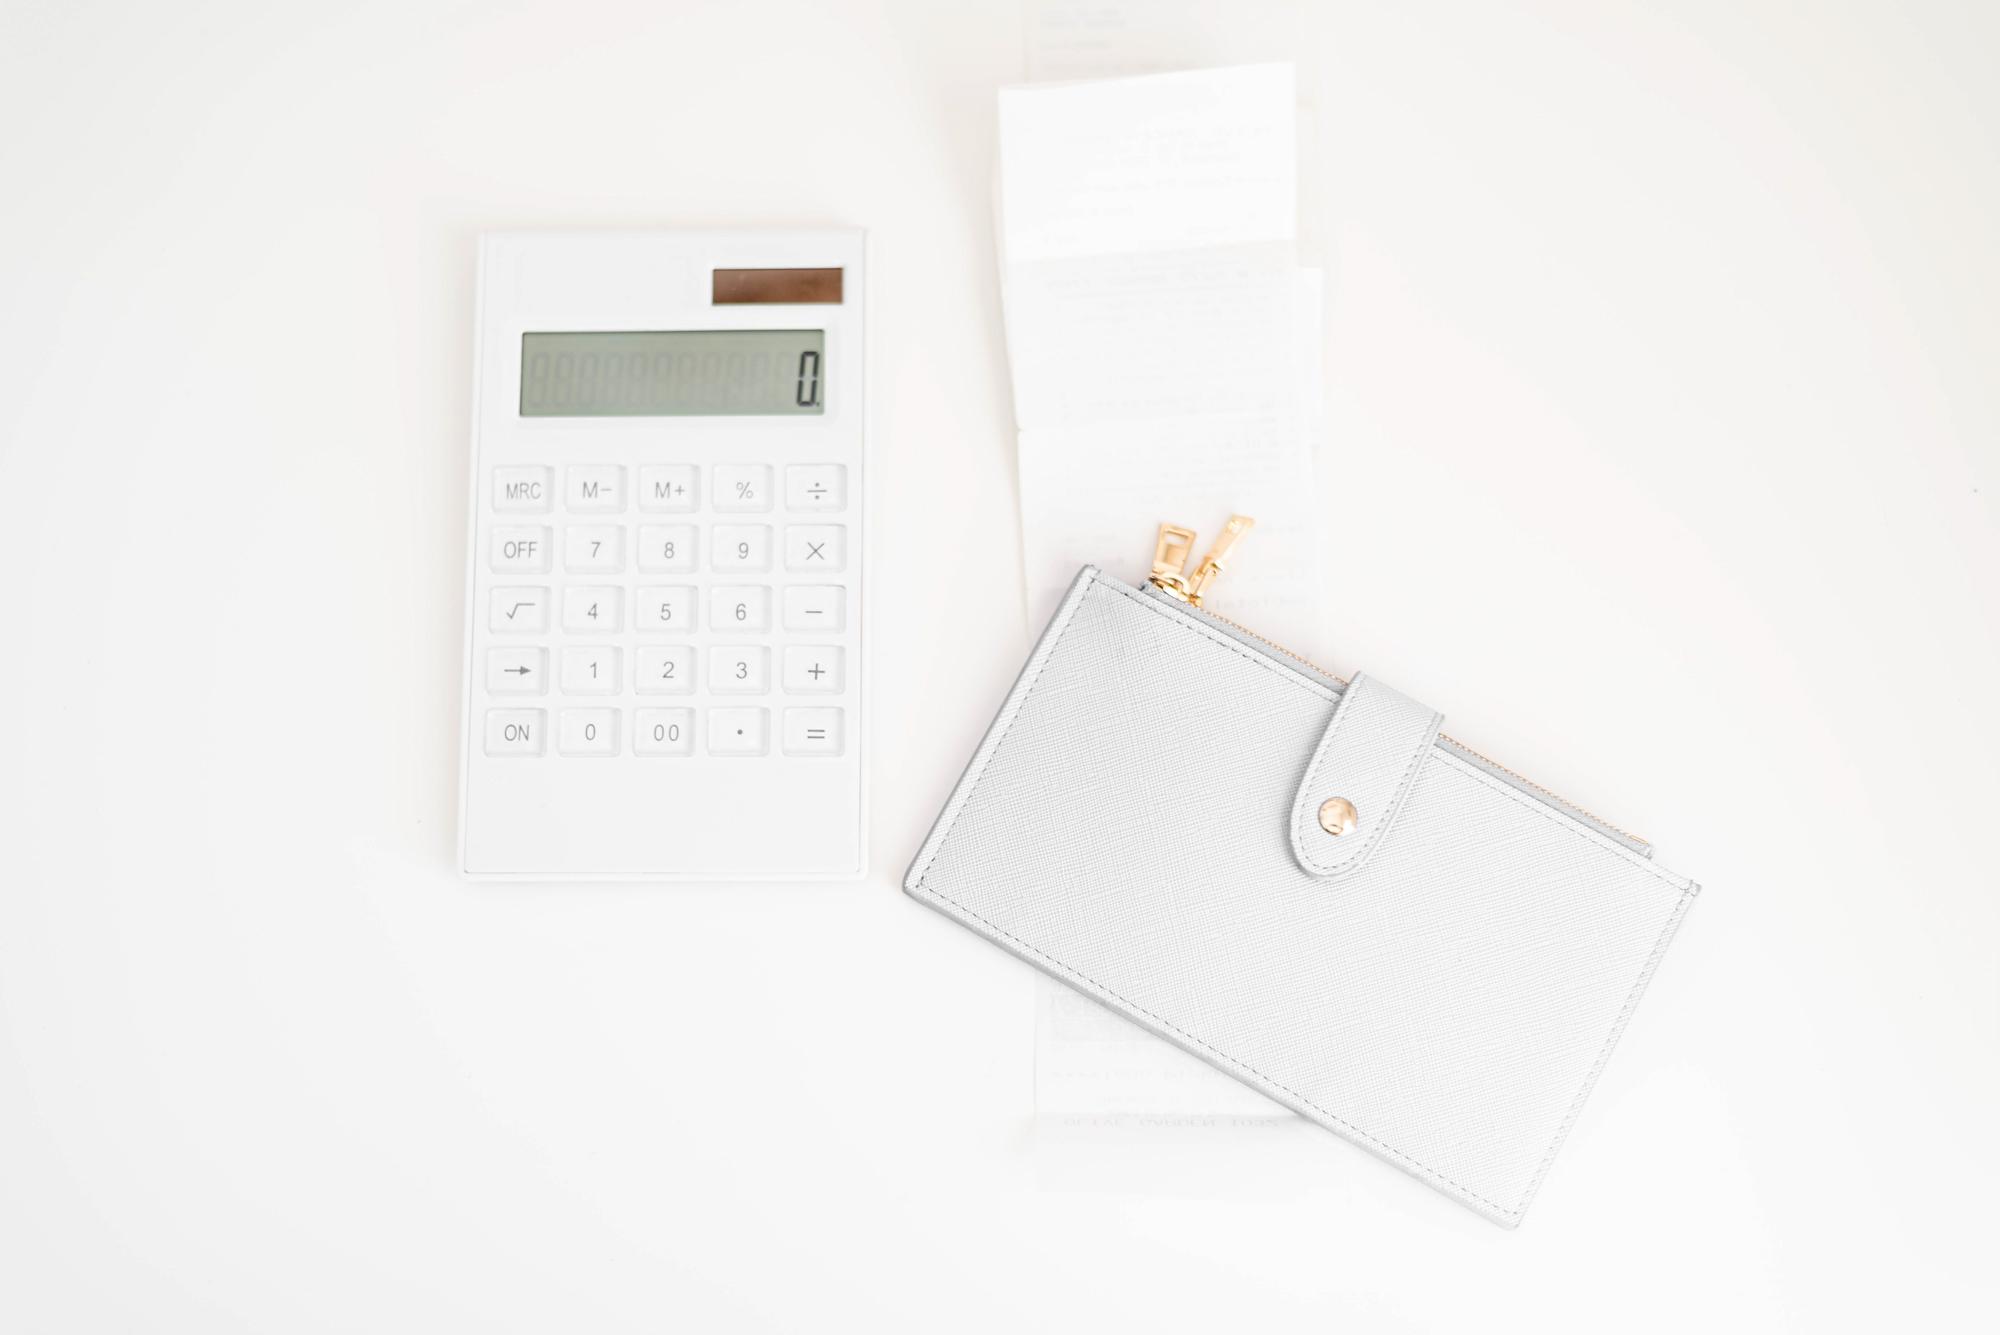 部落格如何賺錢